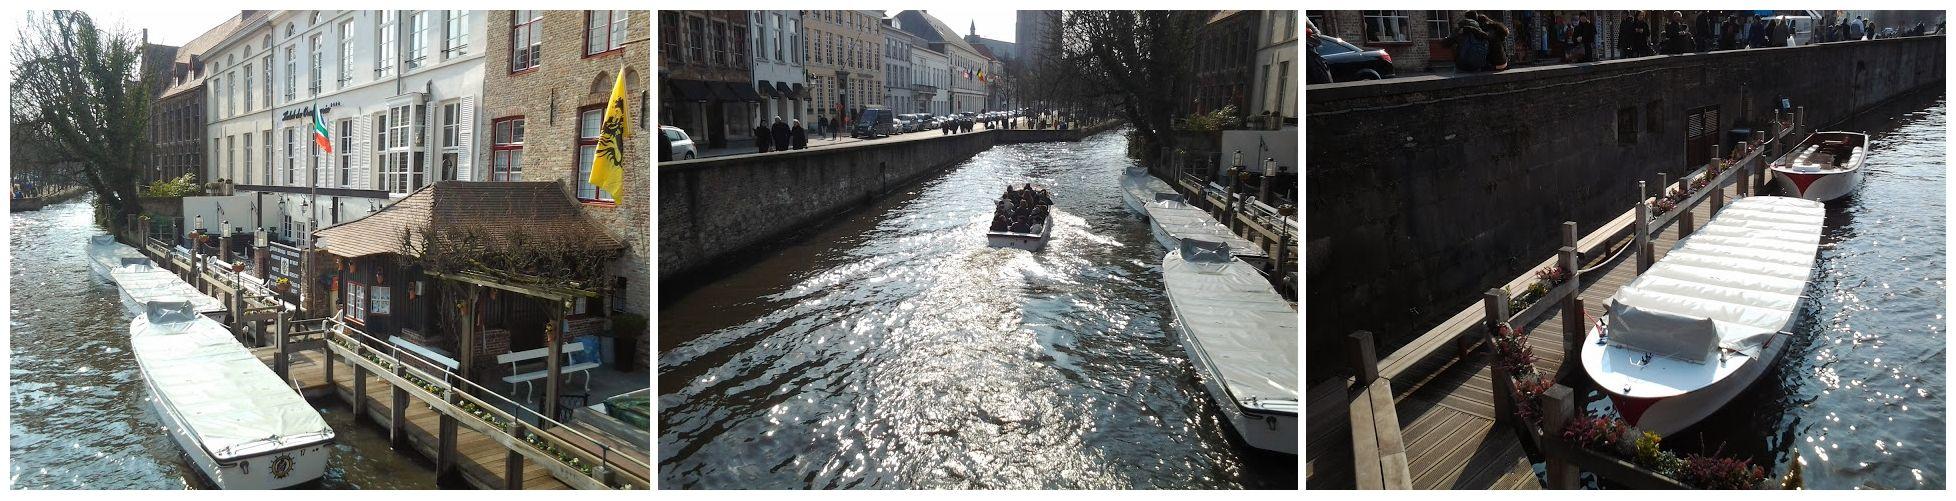 Passeio de barcos pelos muitos canais de Bruges.